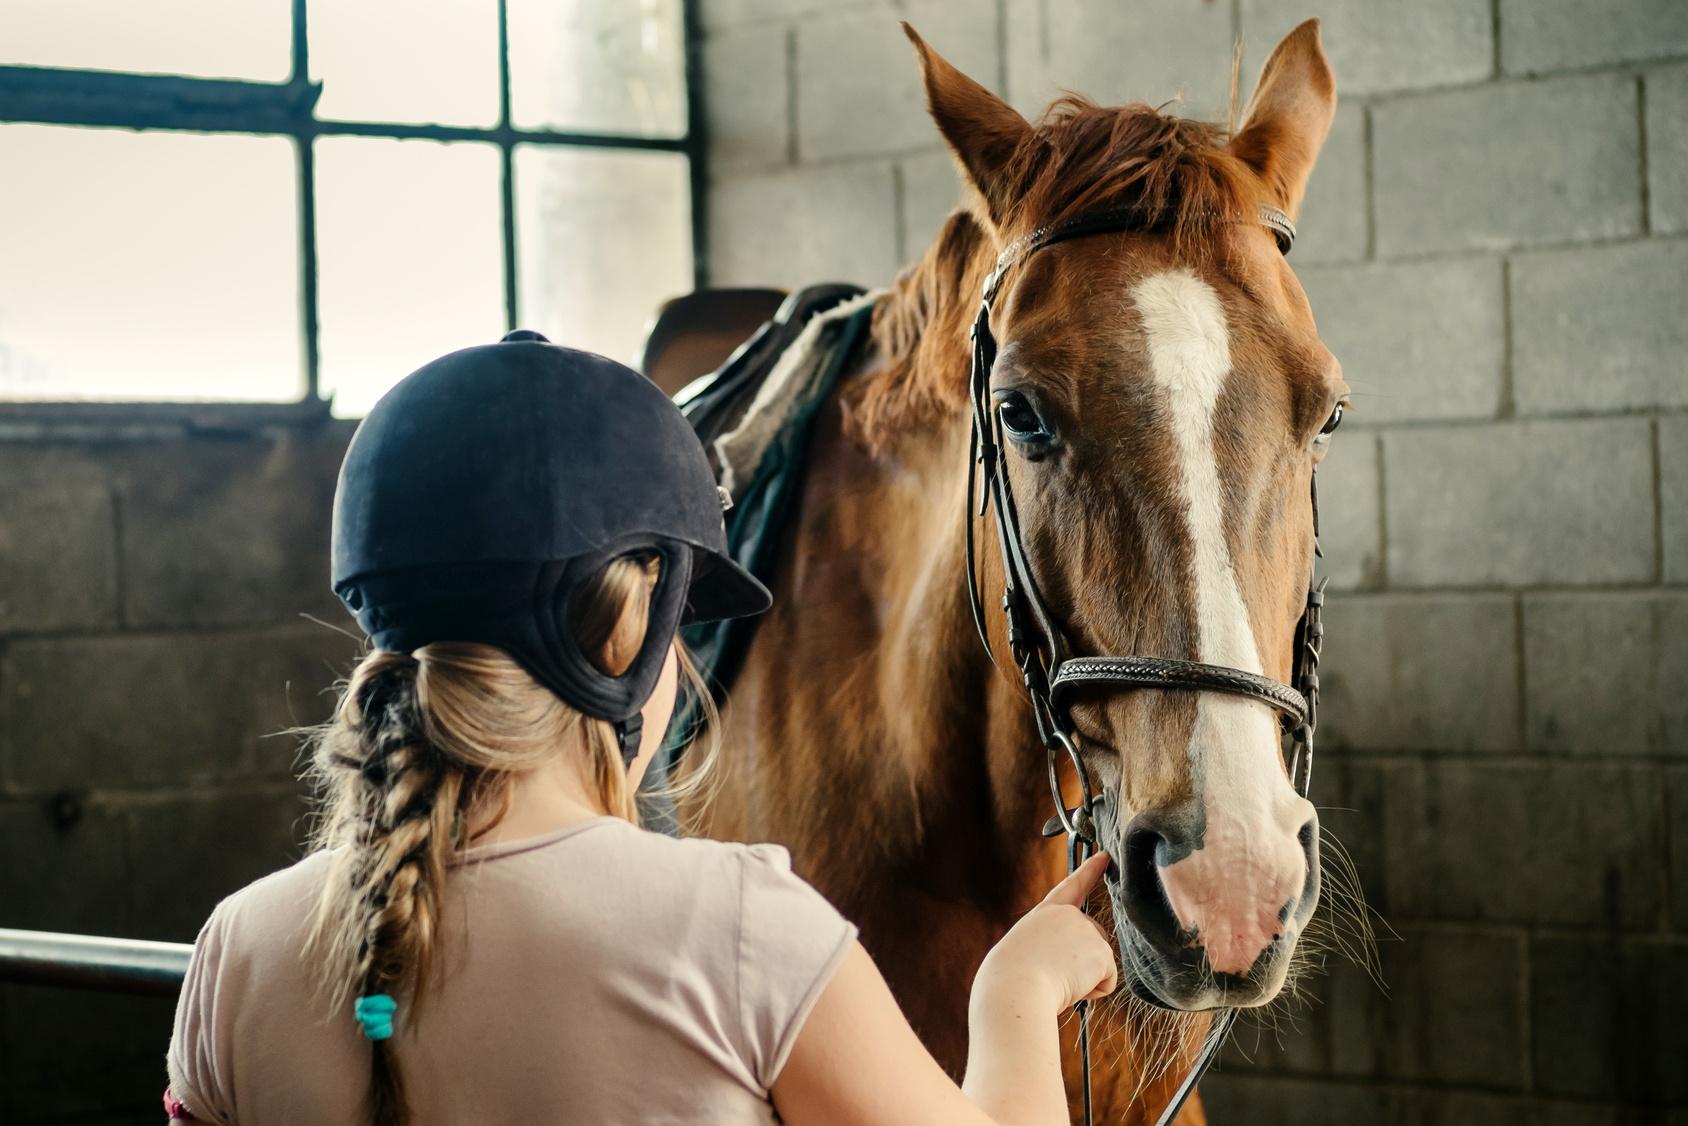 Breve storia del cavallo e le corse